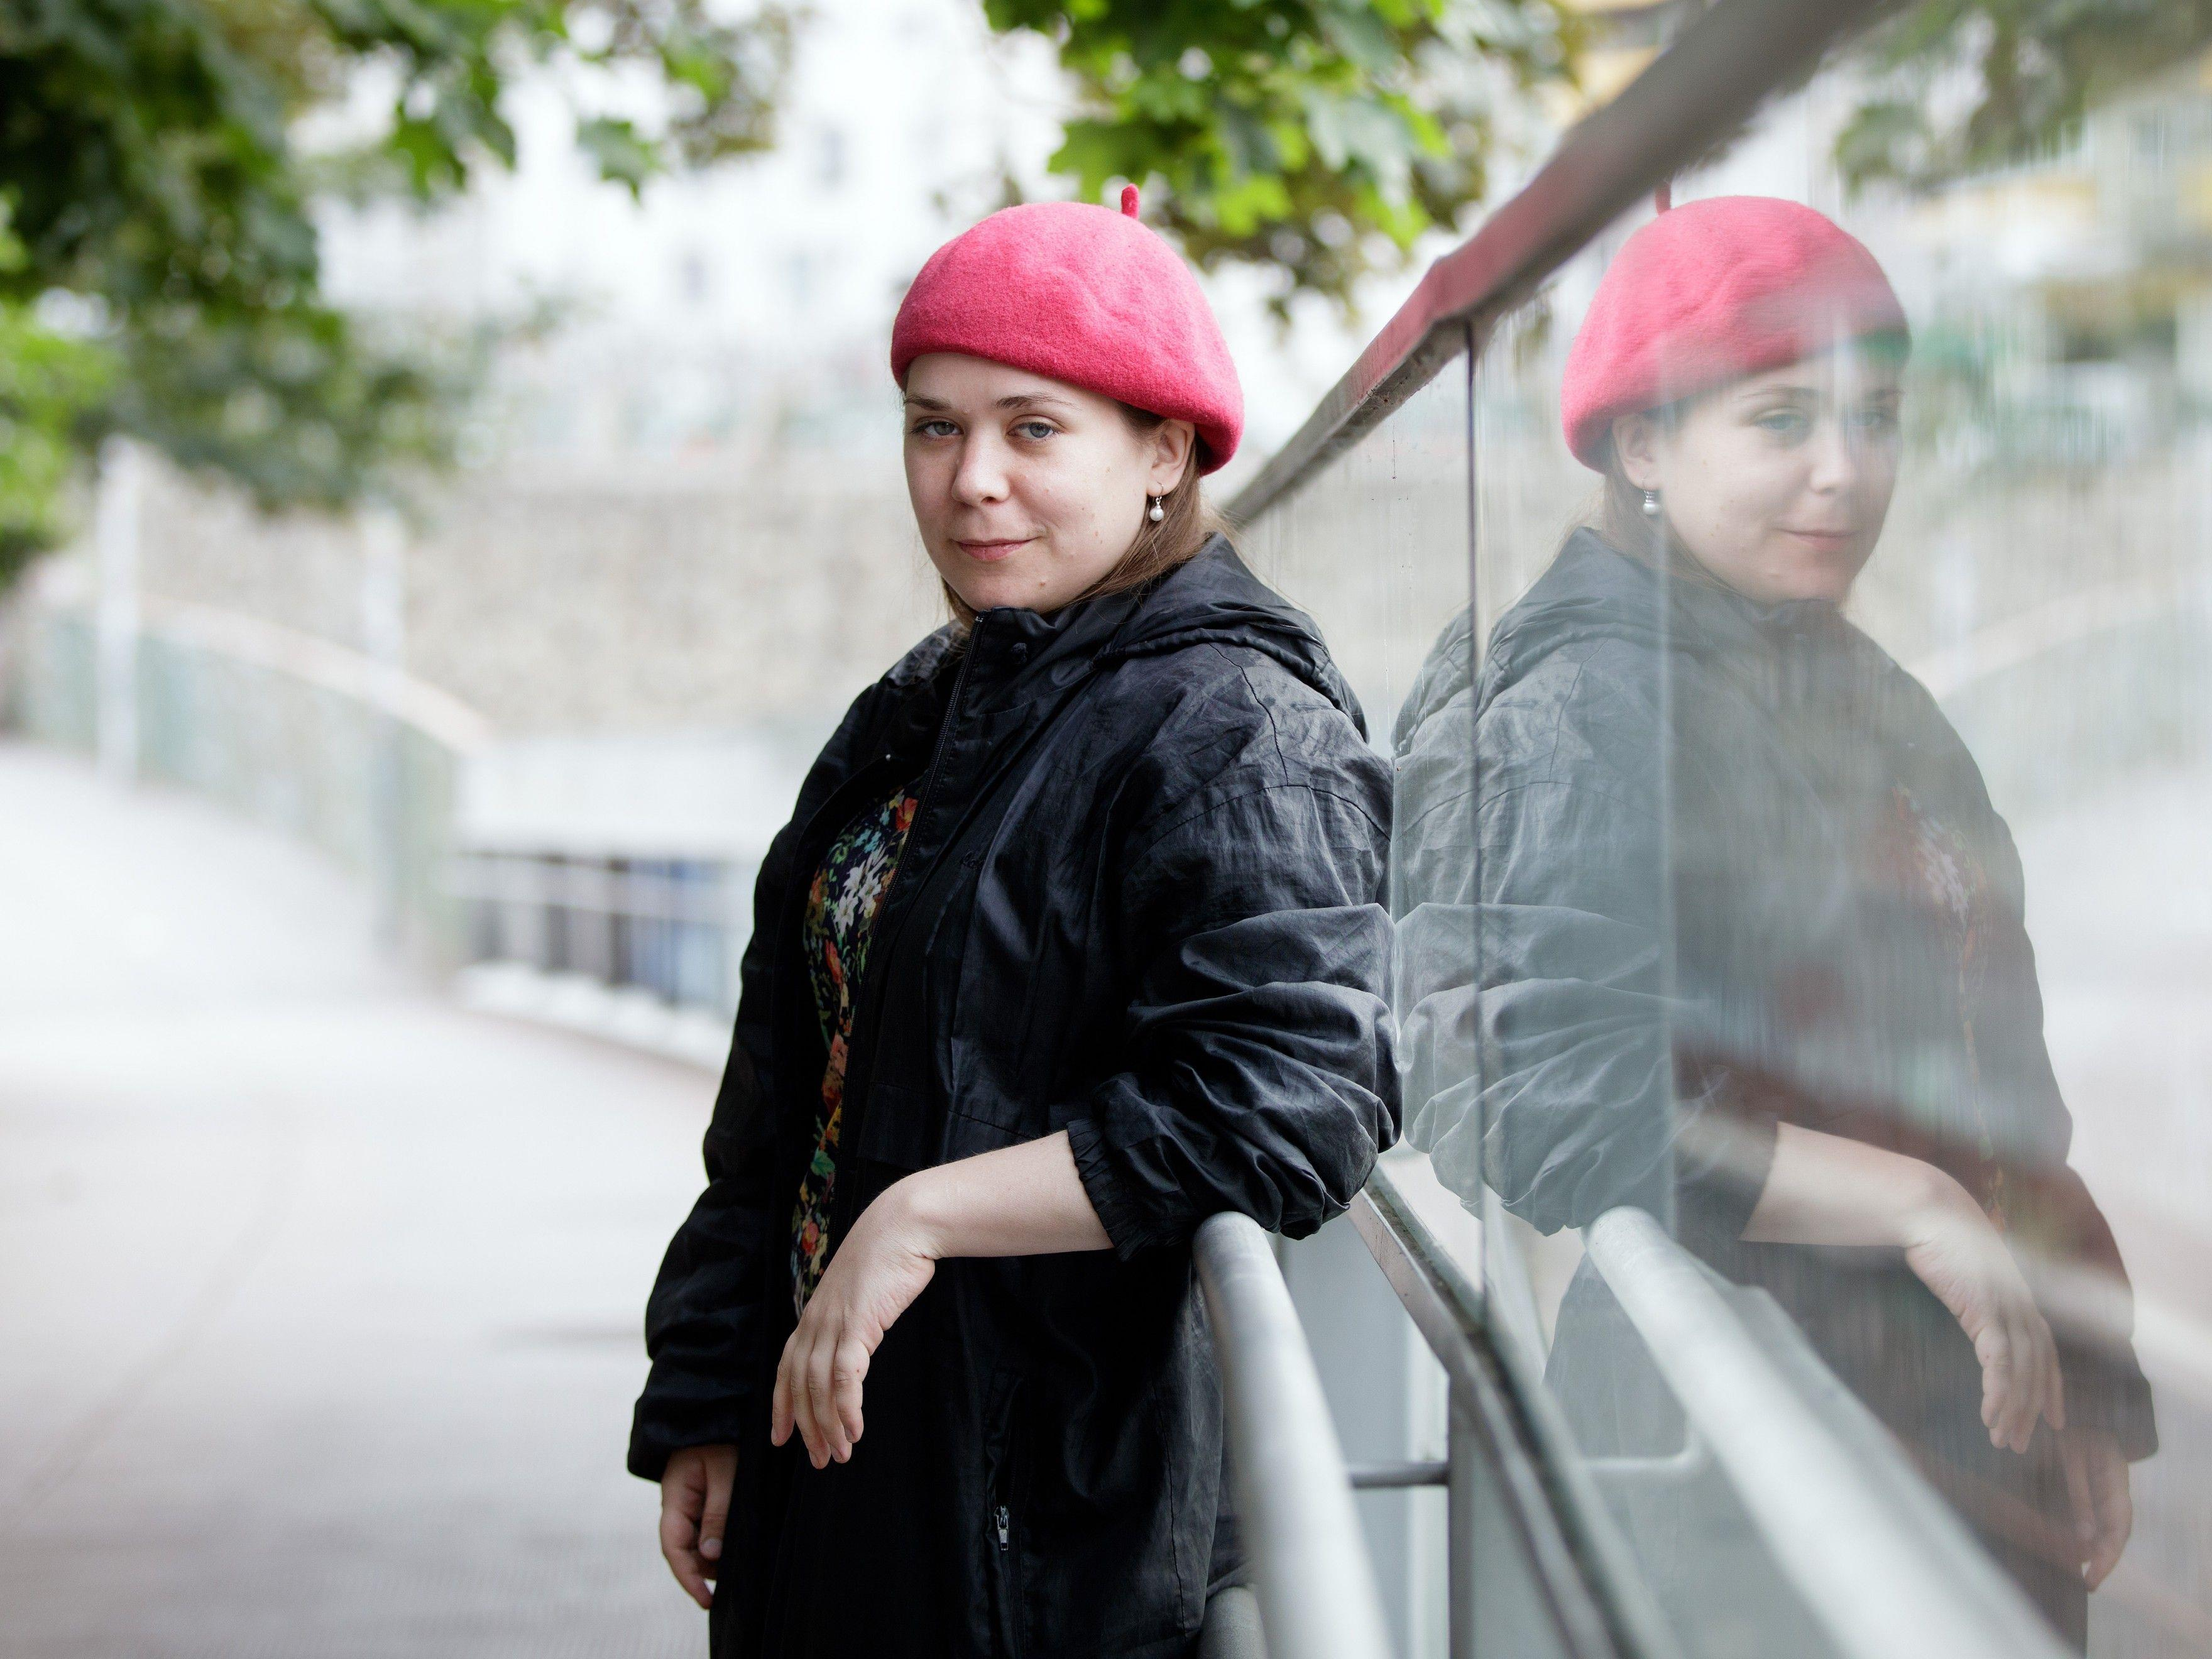 Nach Online-Drohnungen gegen Schriftstellerin Sargnagel ermittelt nun der Verfassungschutz